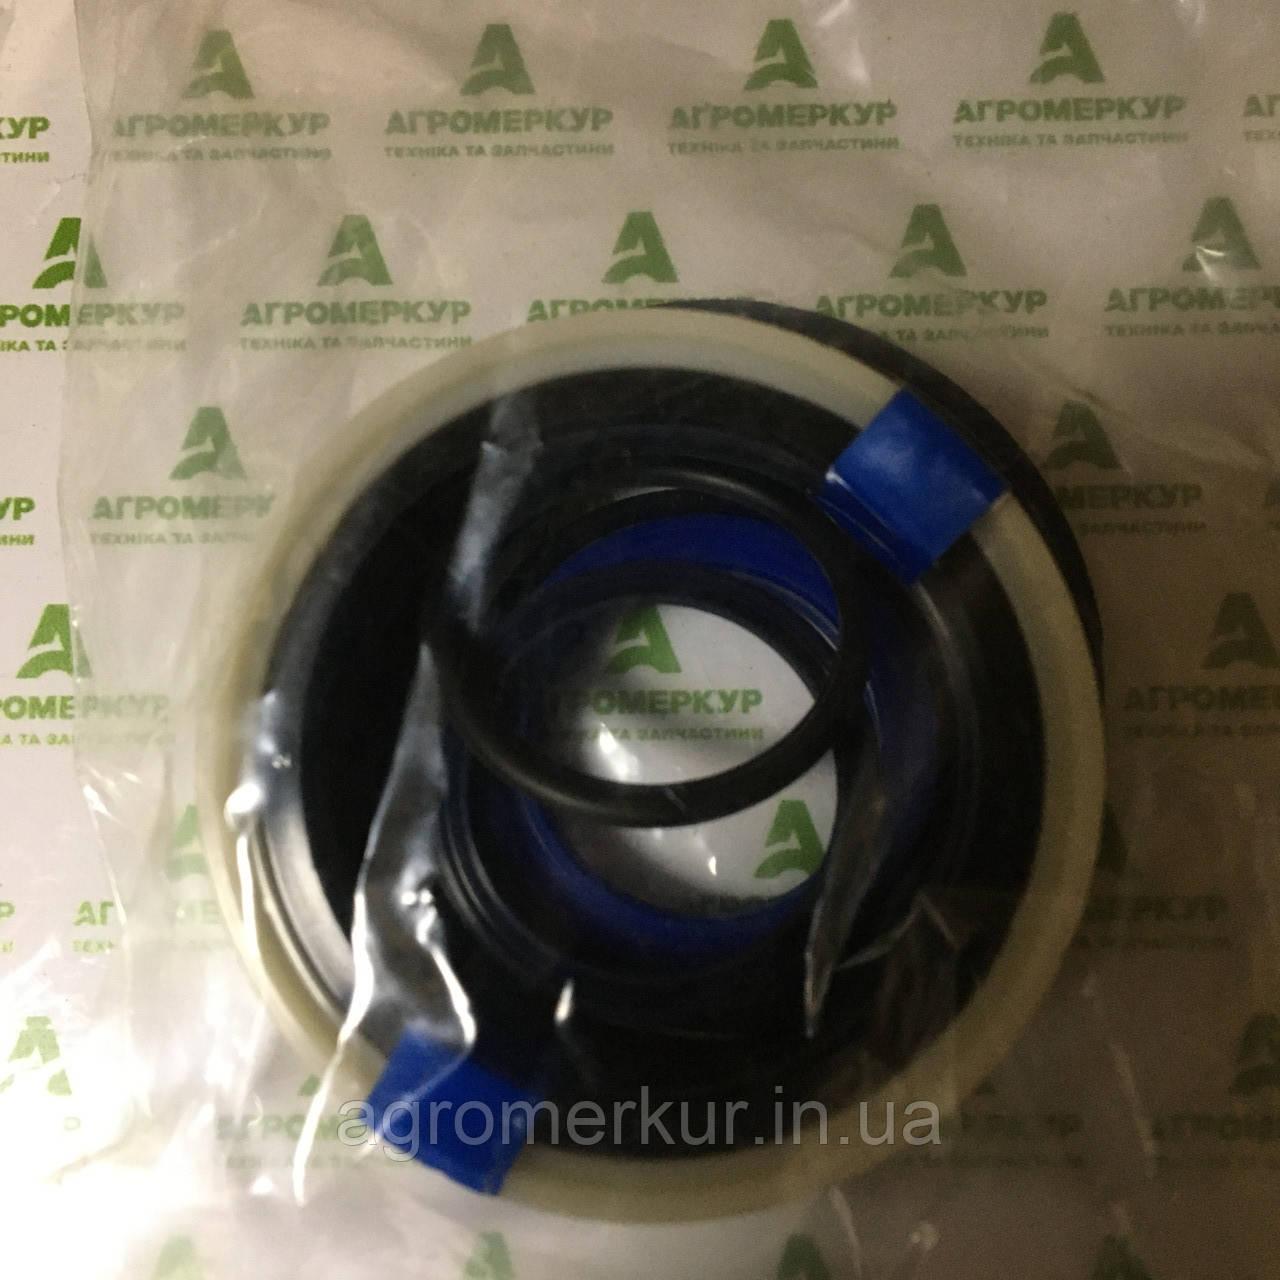 Рем. комплект циліндра гідравлічного KK353729 D75 Kverneland